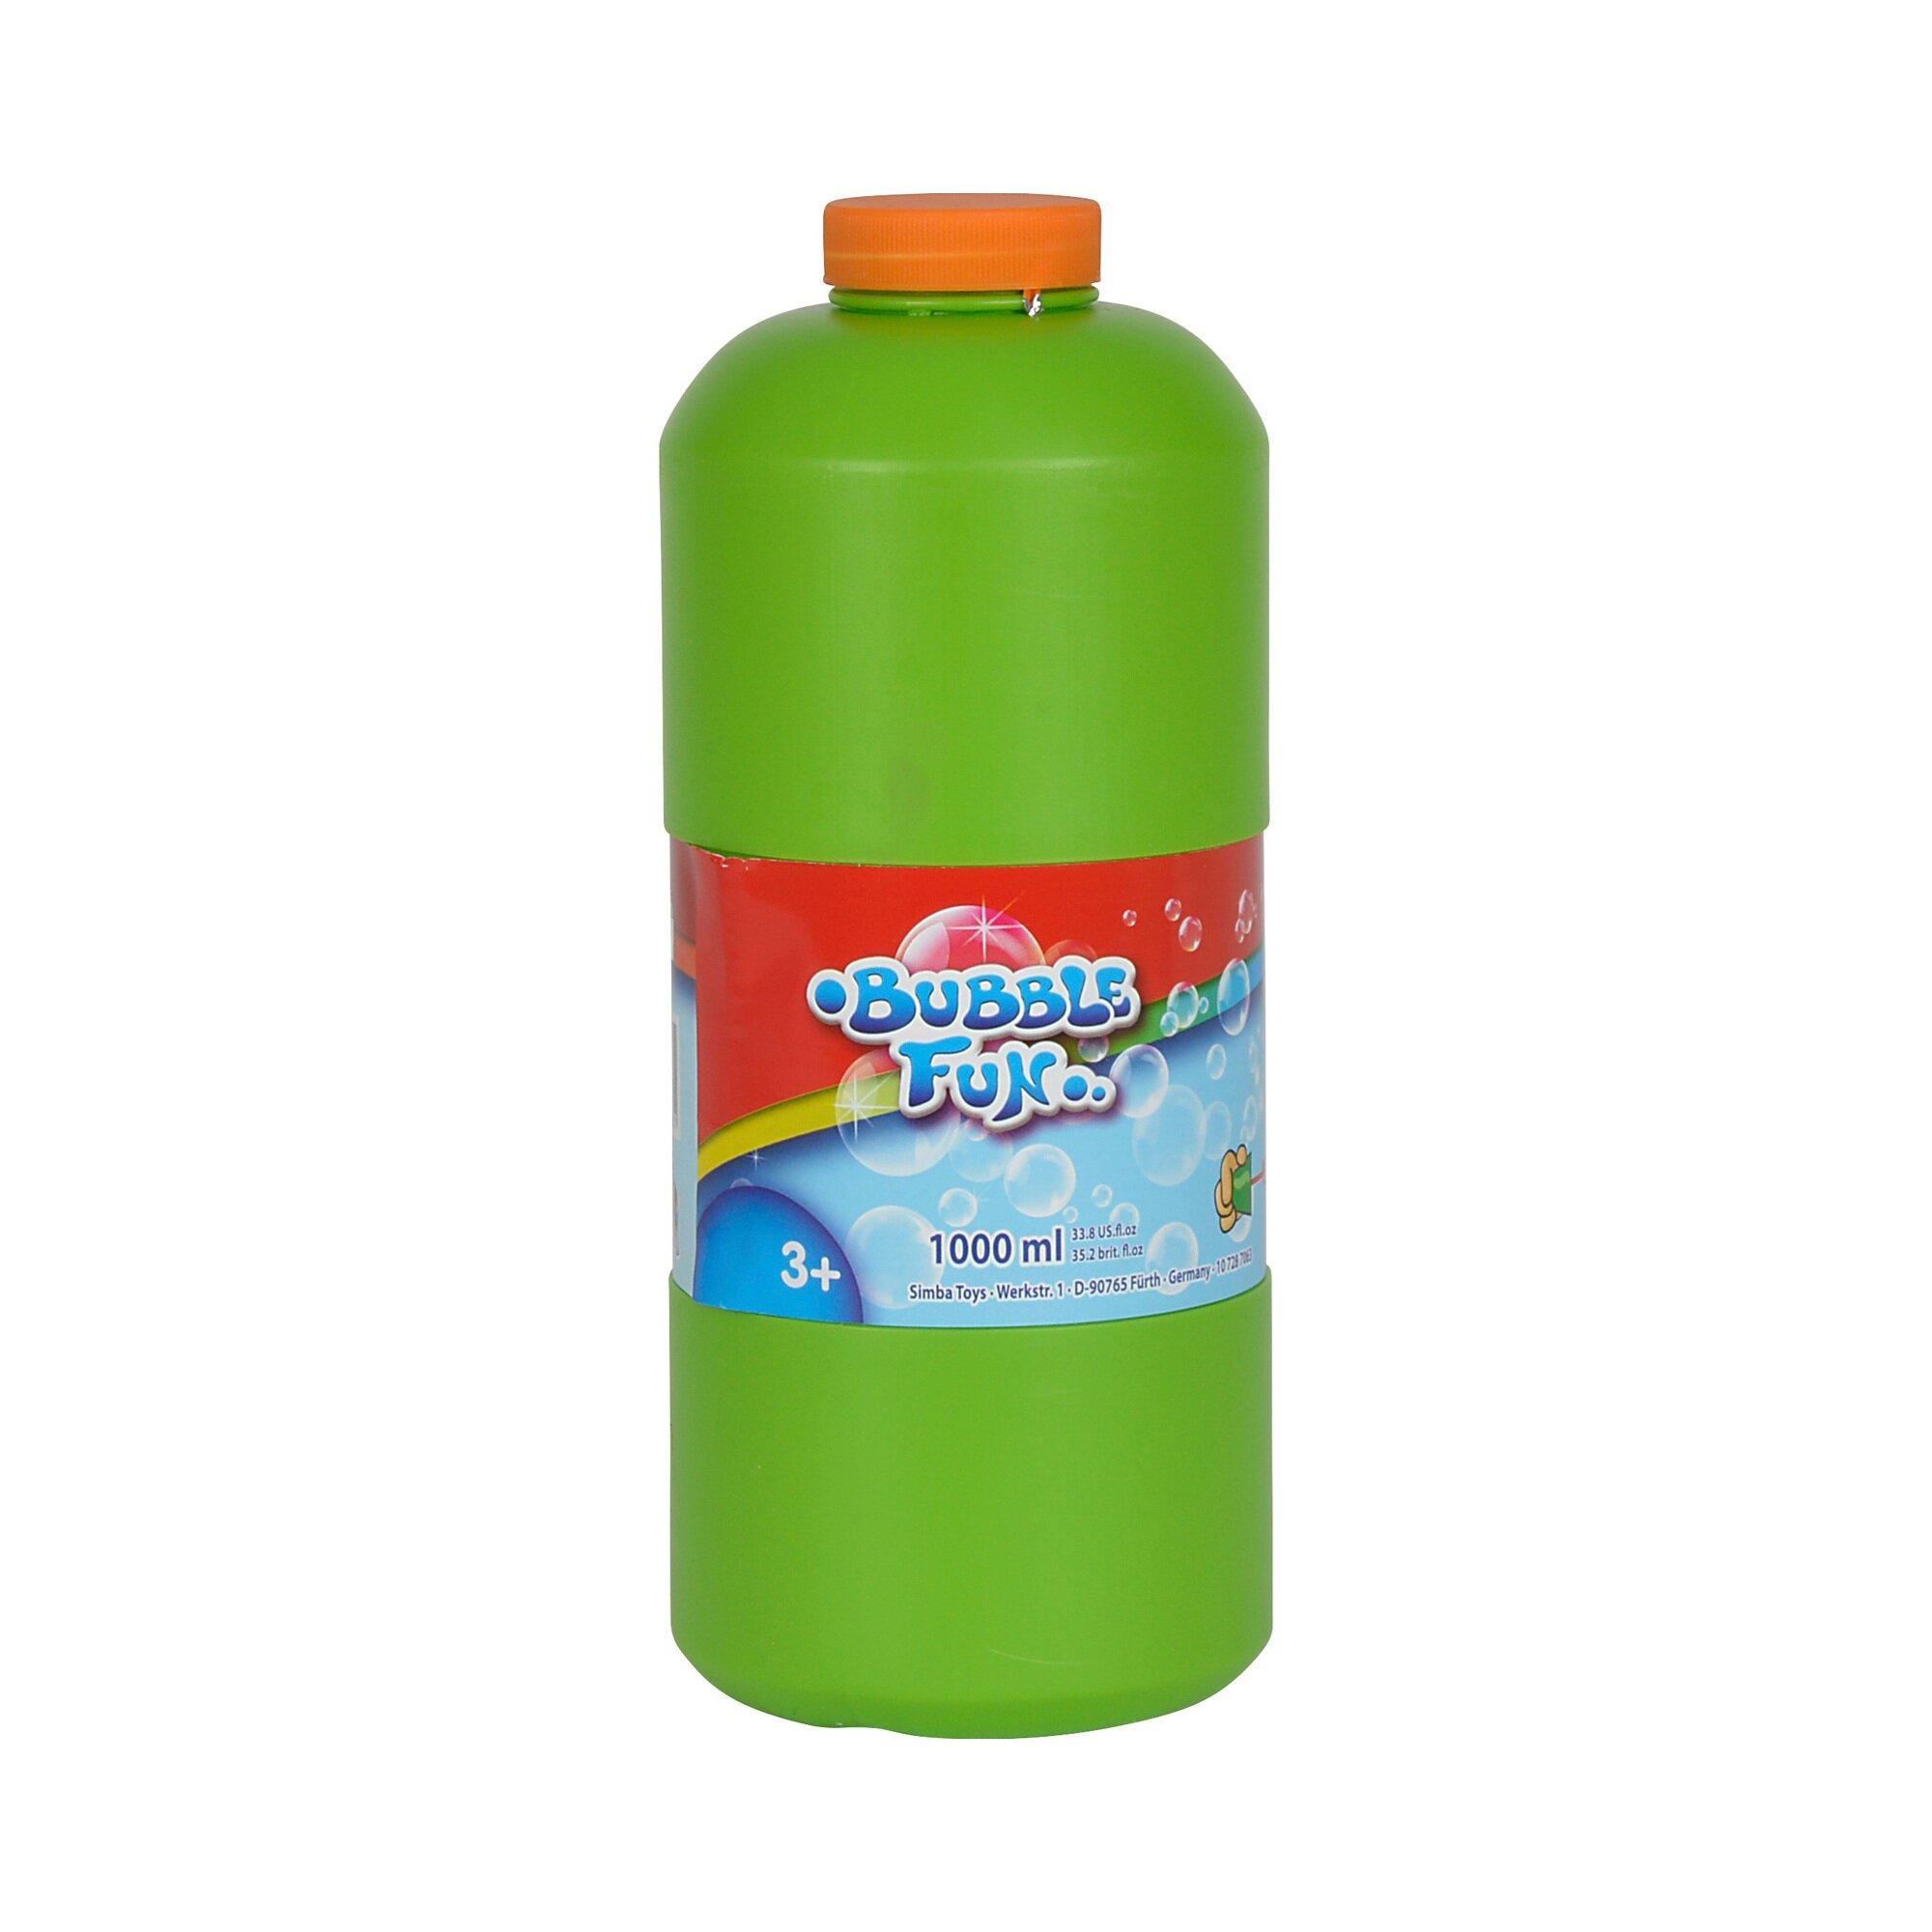 Simba Bubble Fun Seifenblasen-Auffüllflasche, 1 Liter